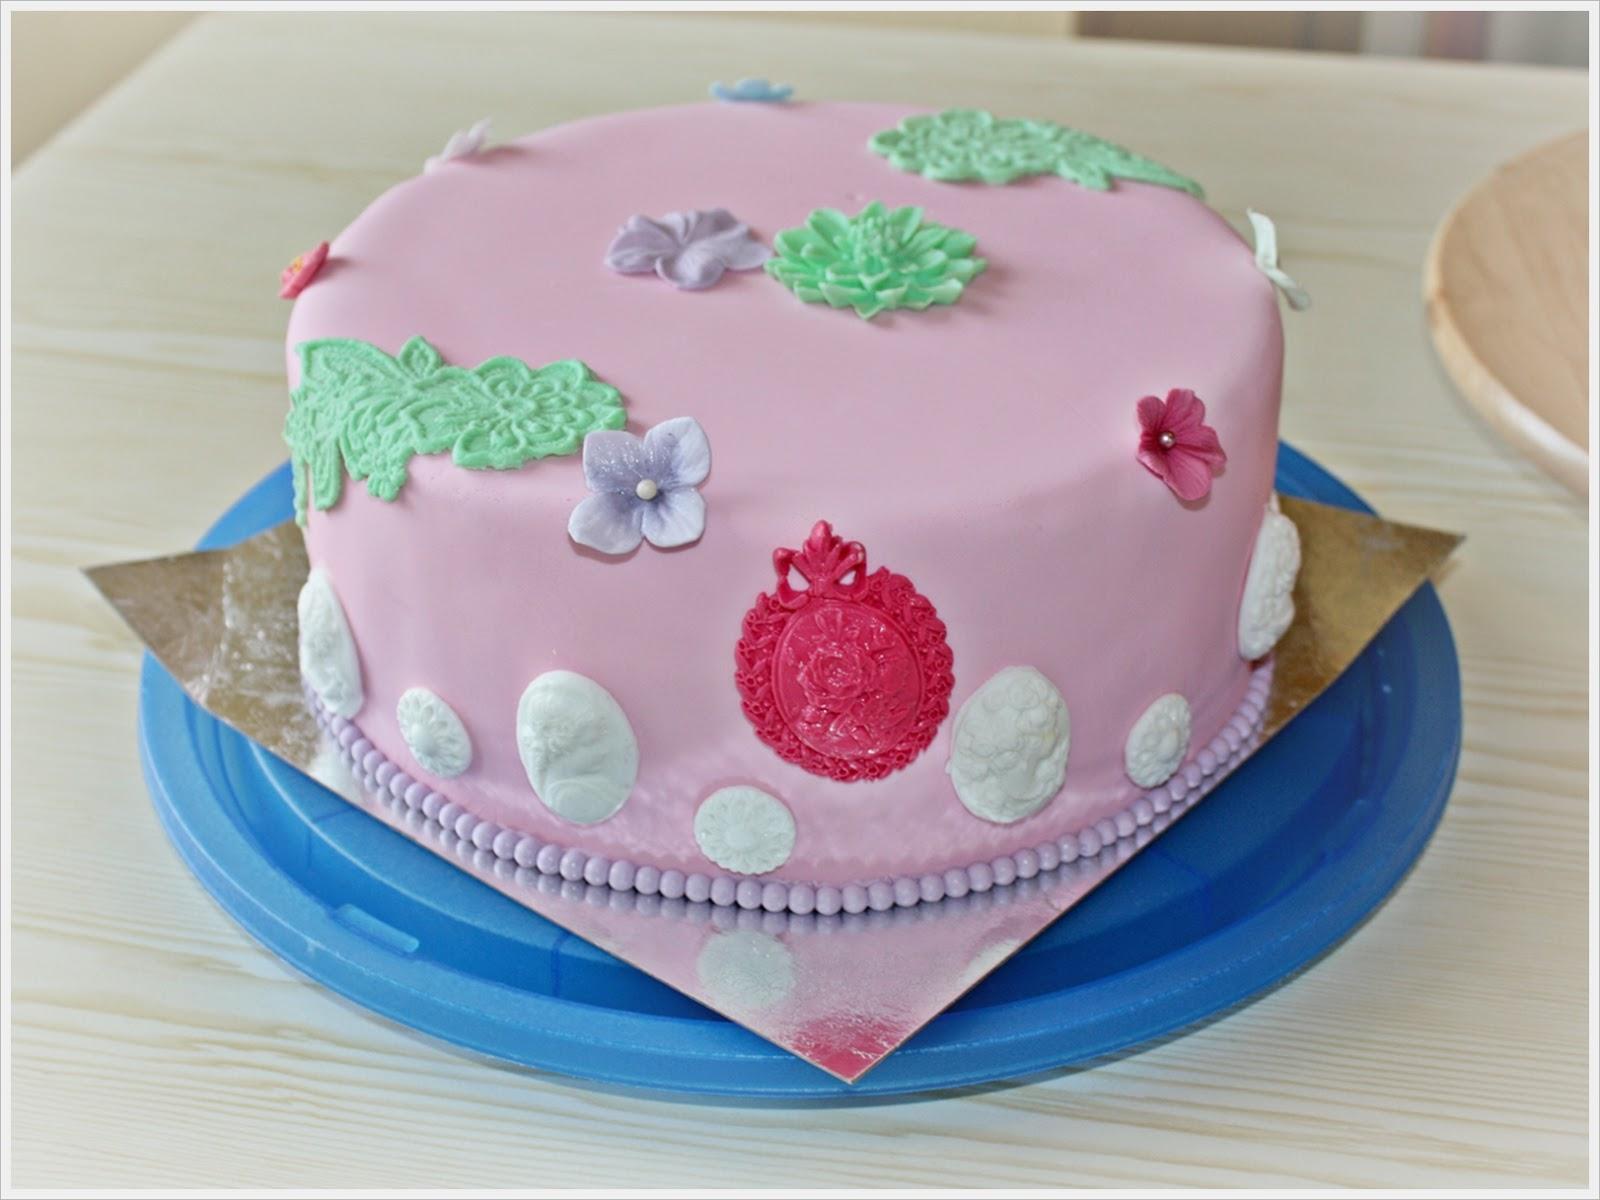 Чем украсить торт в домашних условиях мастикой